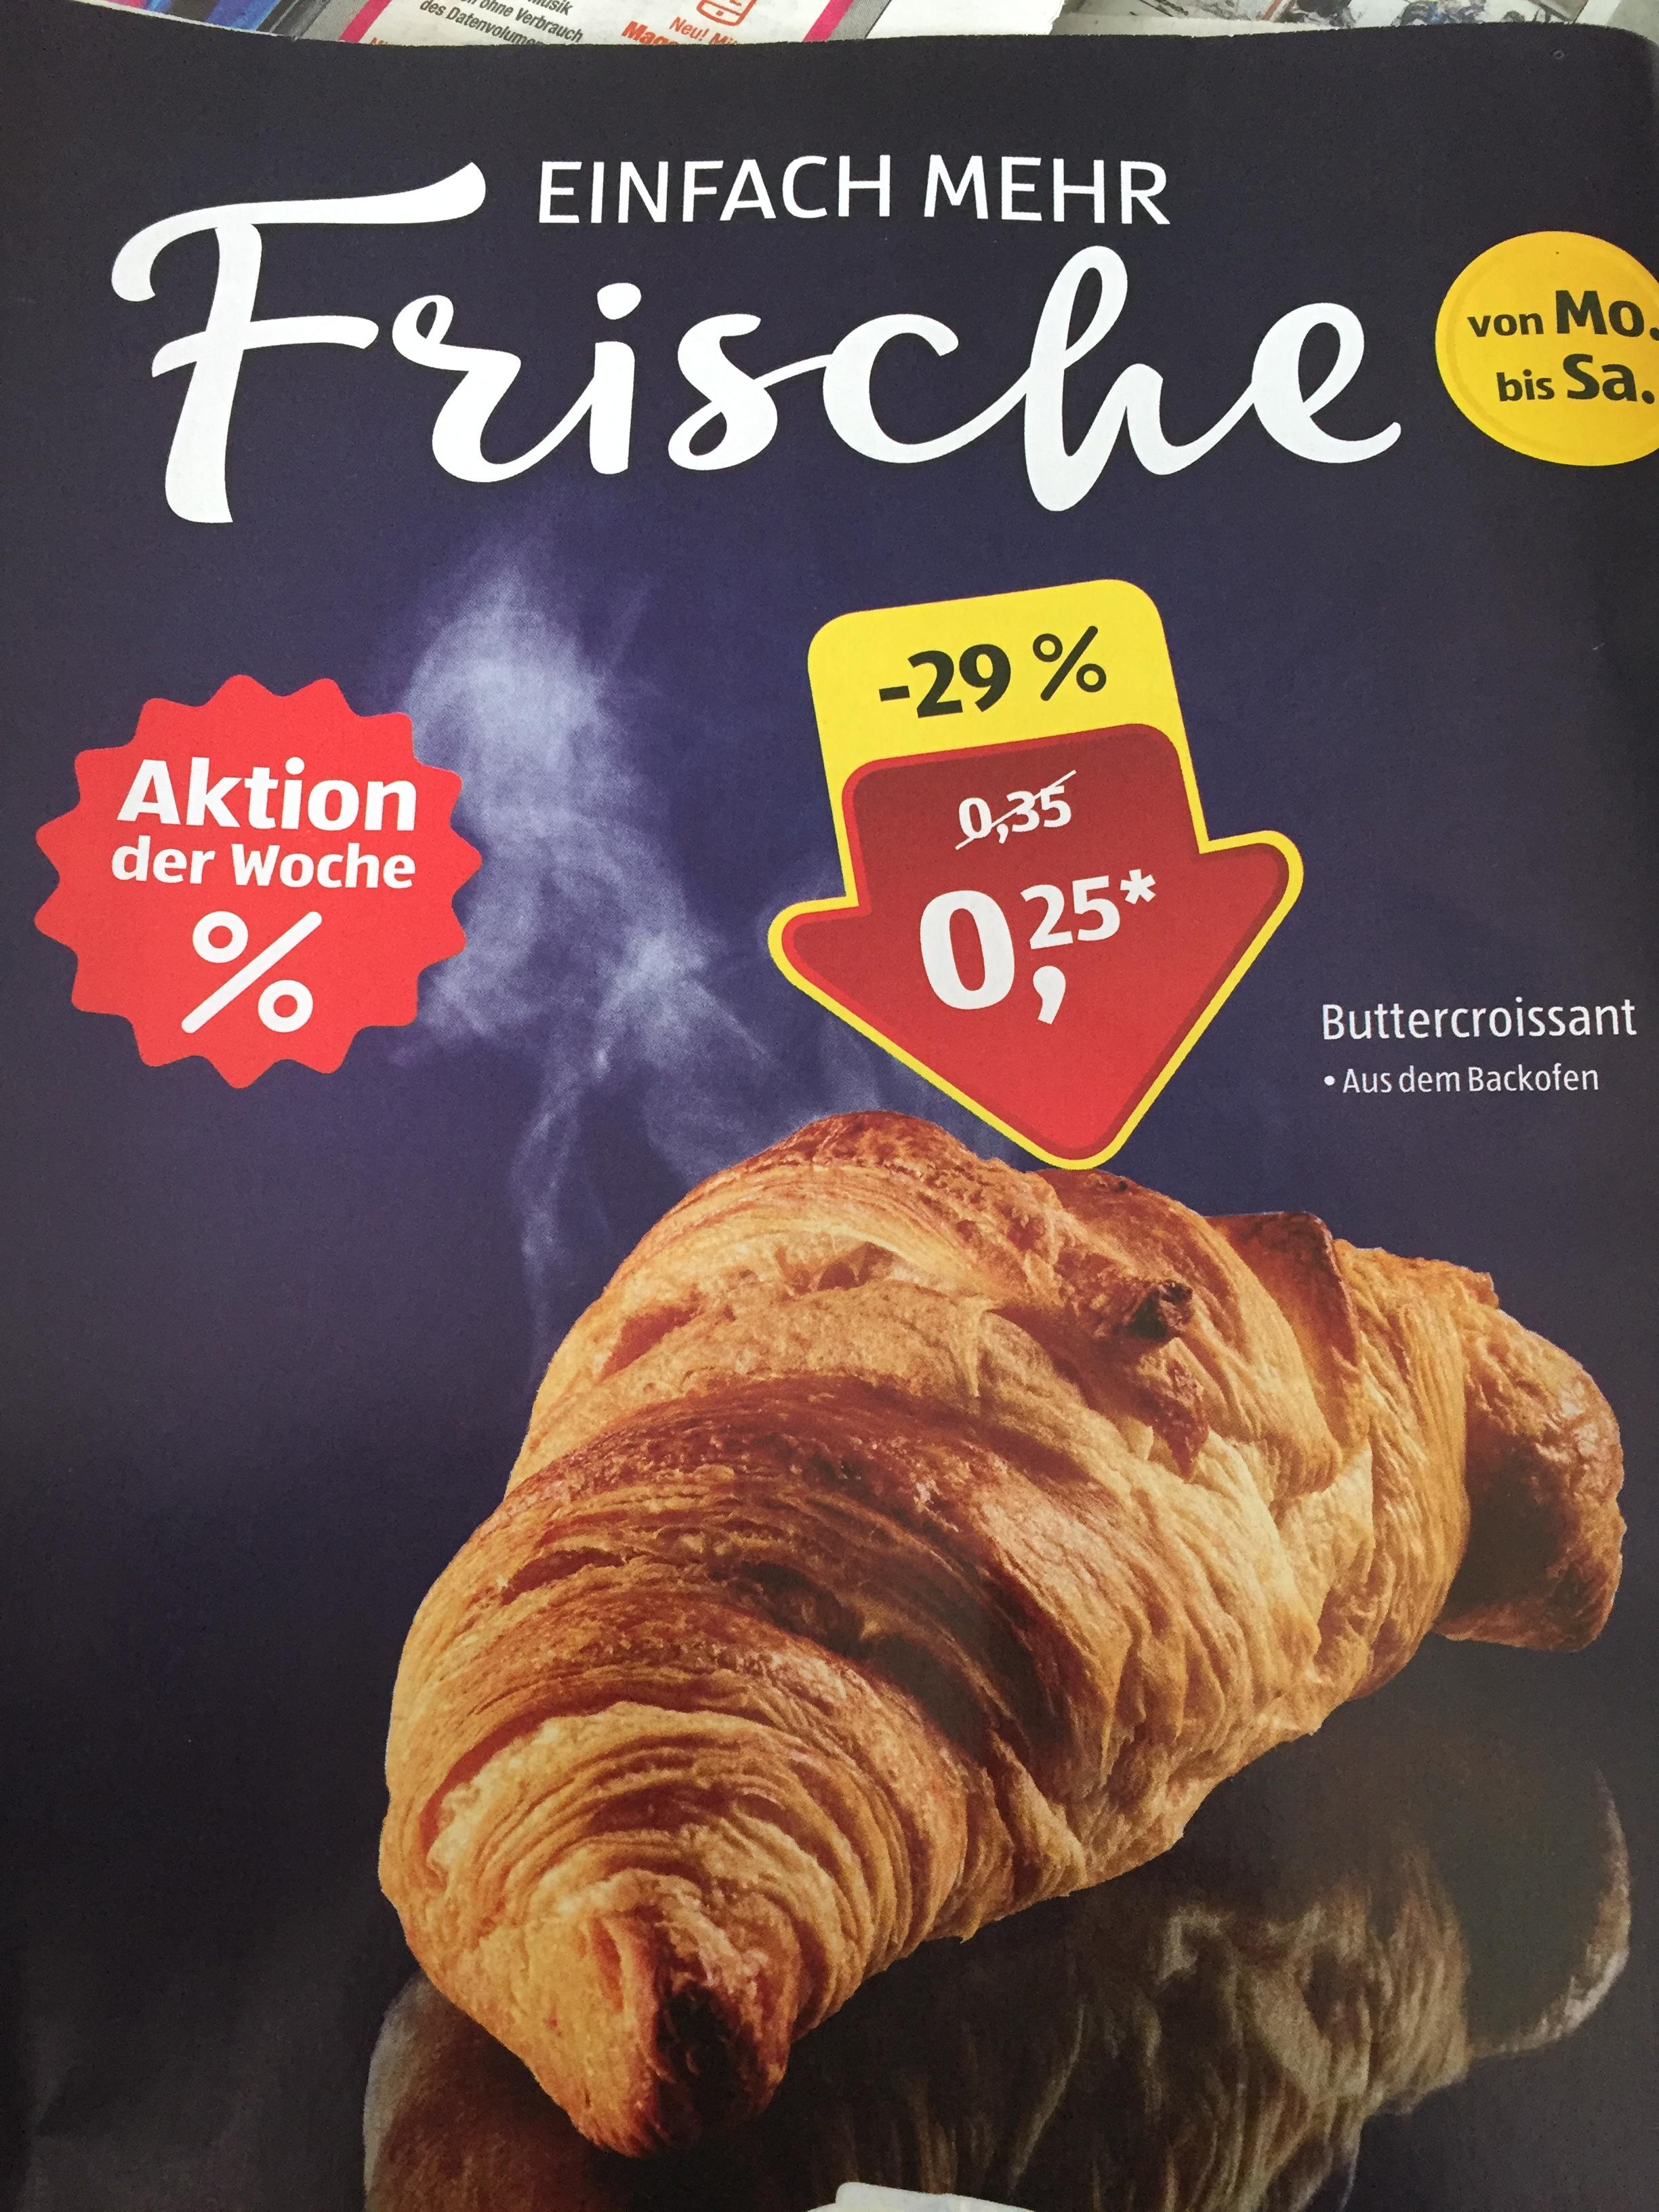 [Aldi Süd] Aktion der Woche: Buttercroissant, frisch aus dem Backofen